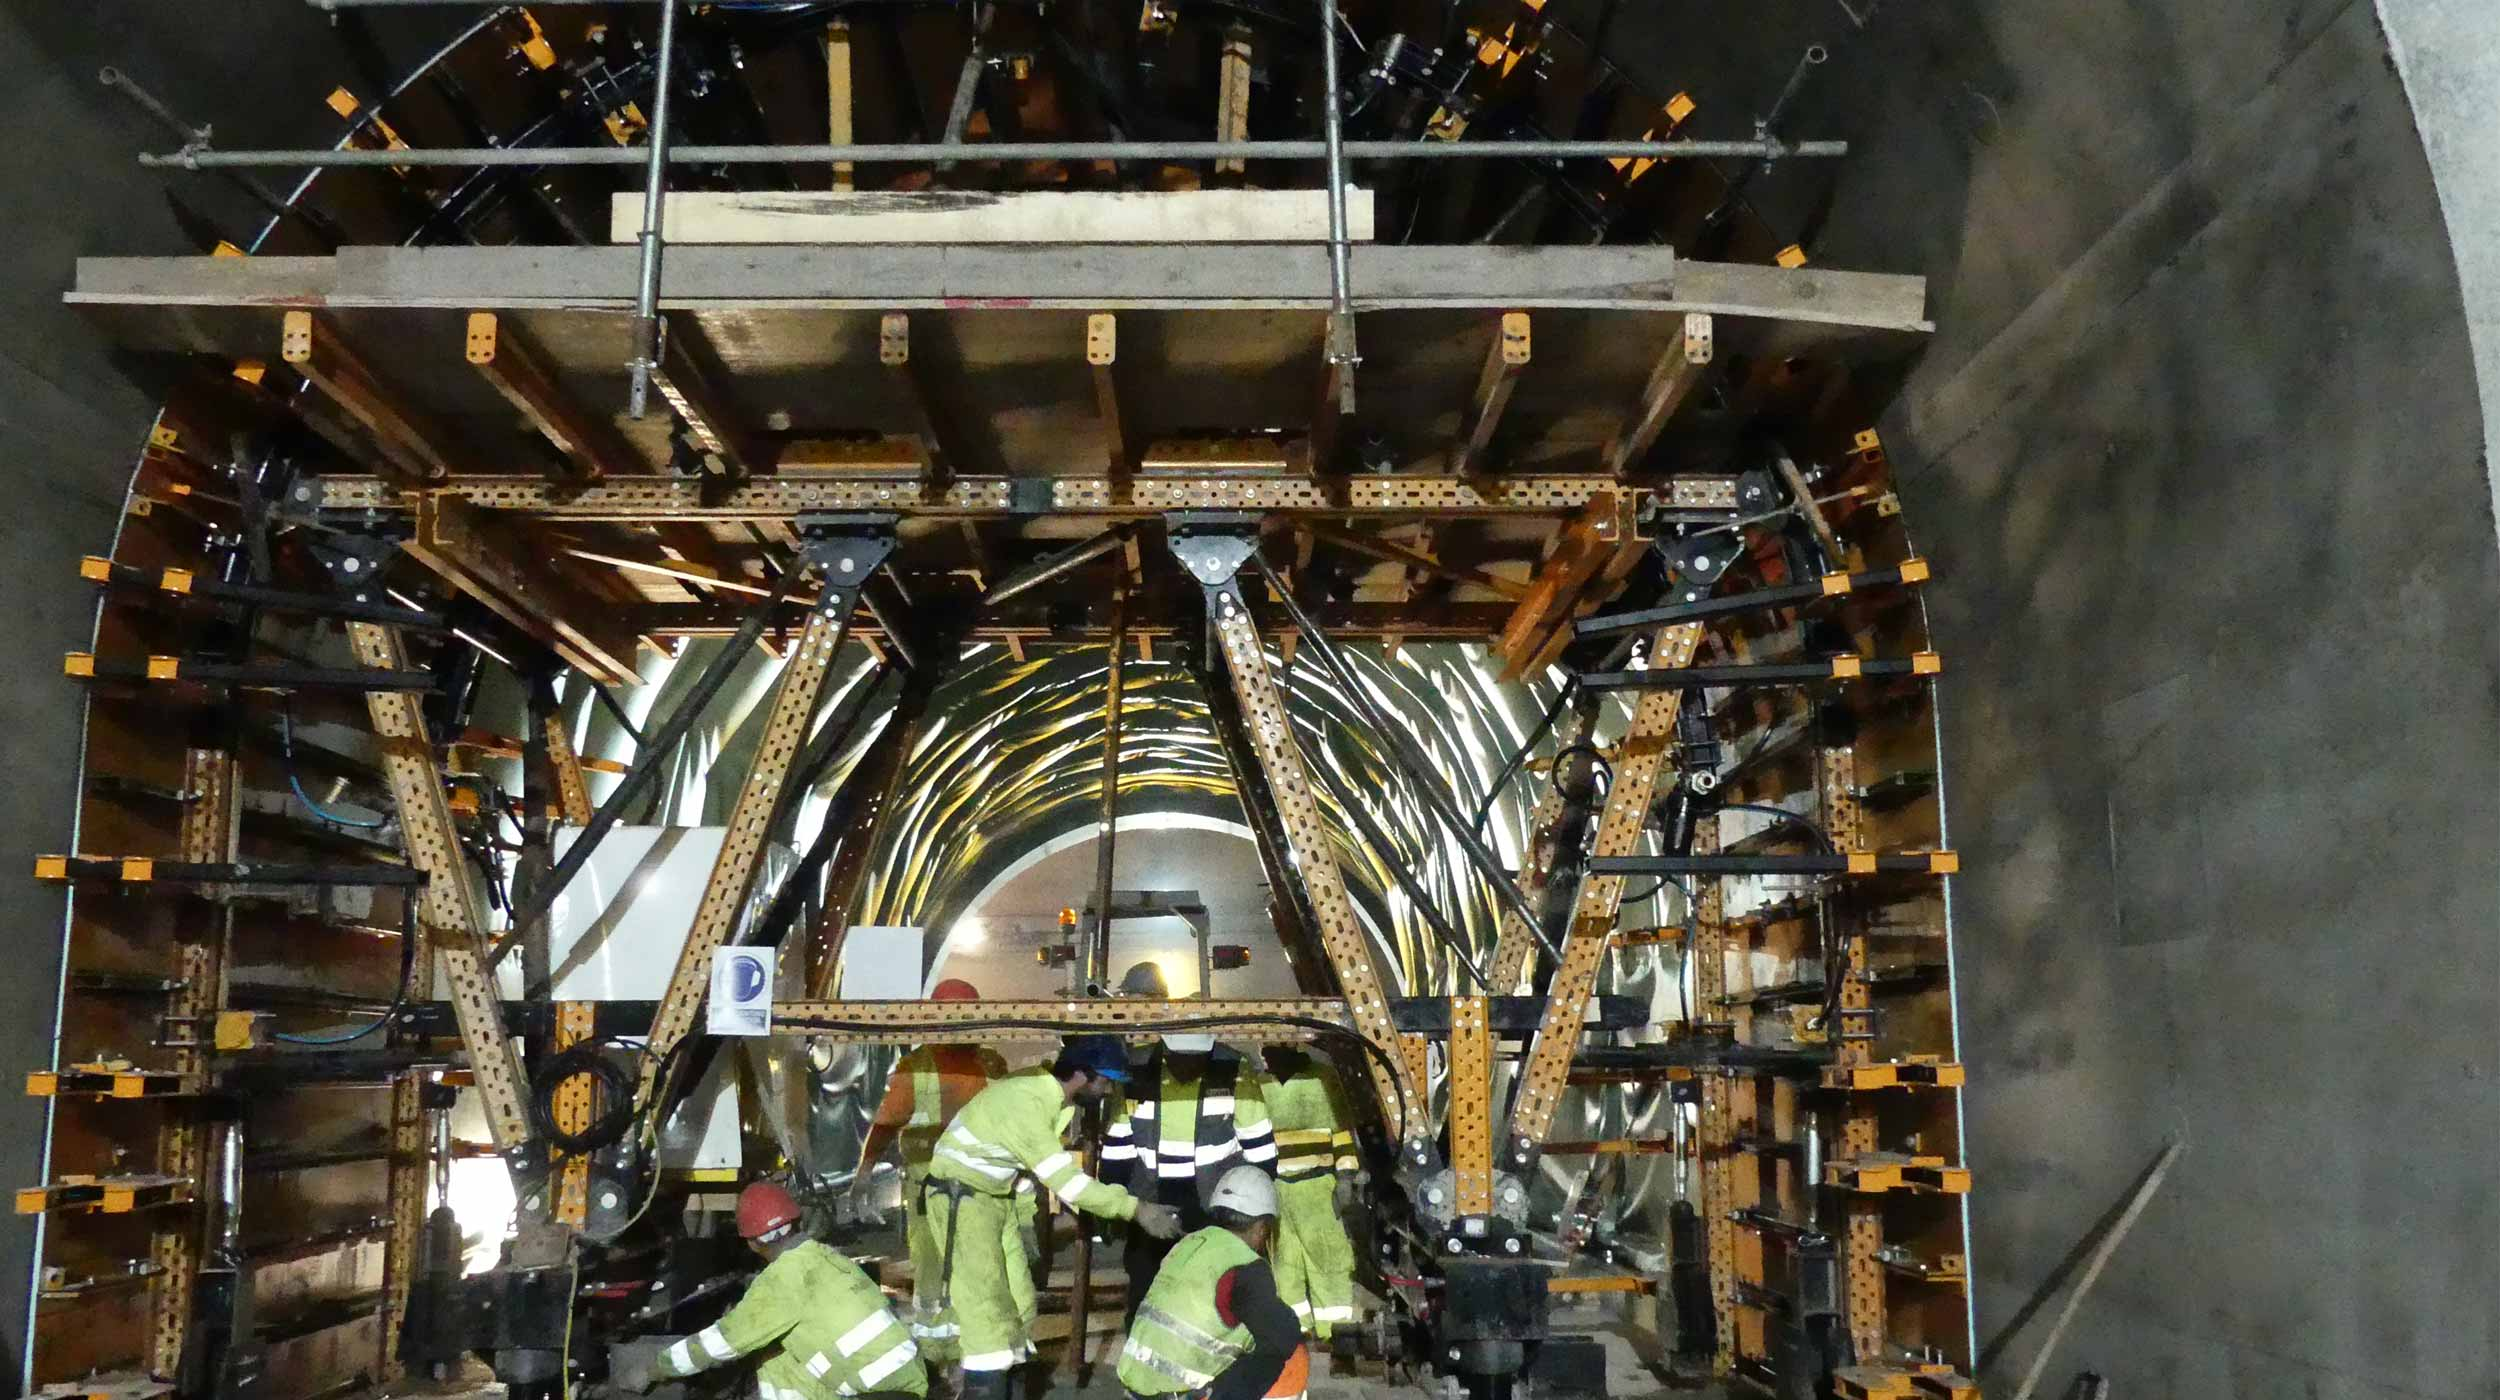 Esta obra se sitúa dentro de la ejecución de los túneles de Zumarraga-Antzuola de la obra de la línea de Alta Velocidad de la Y griega vasca.